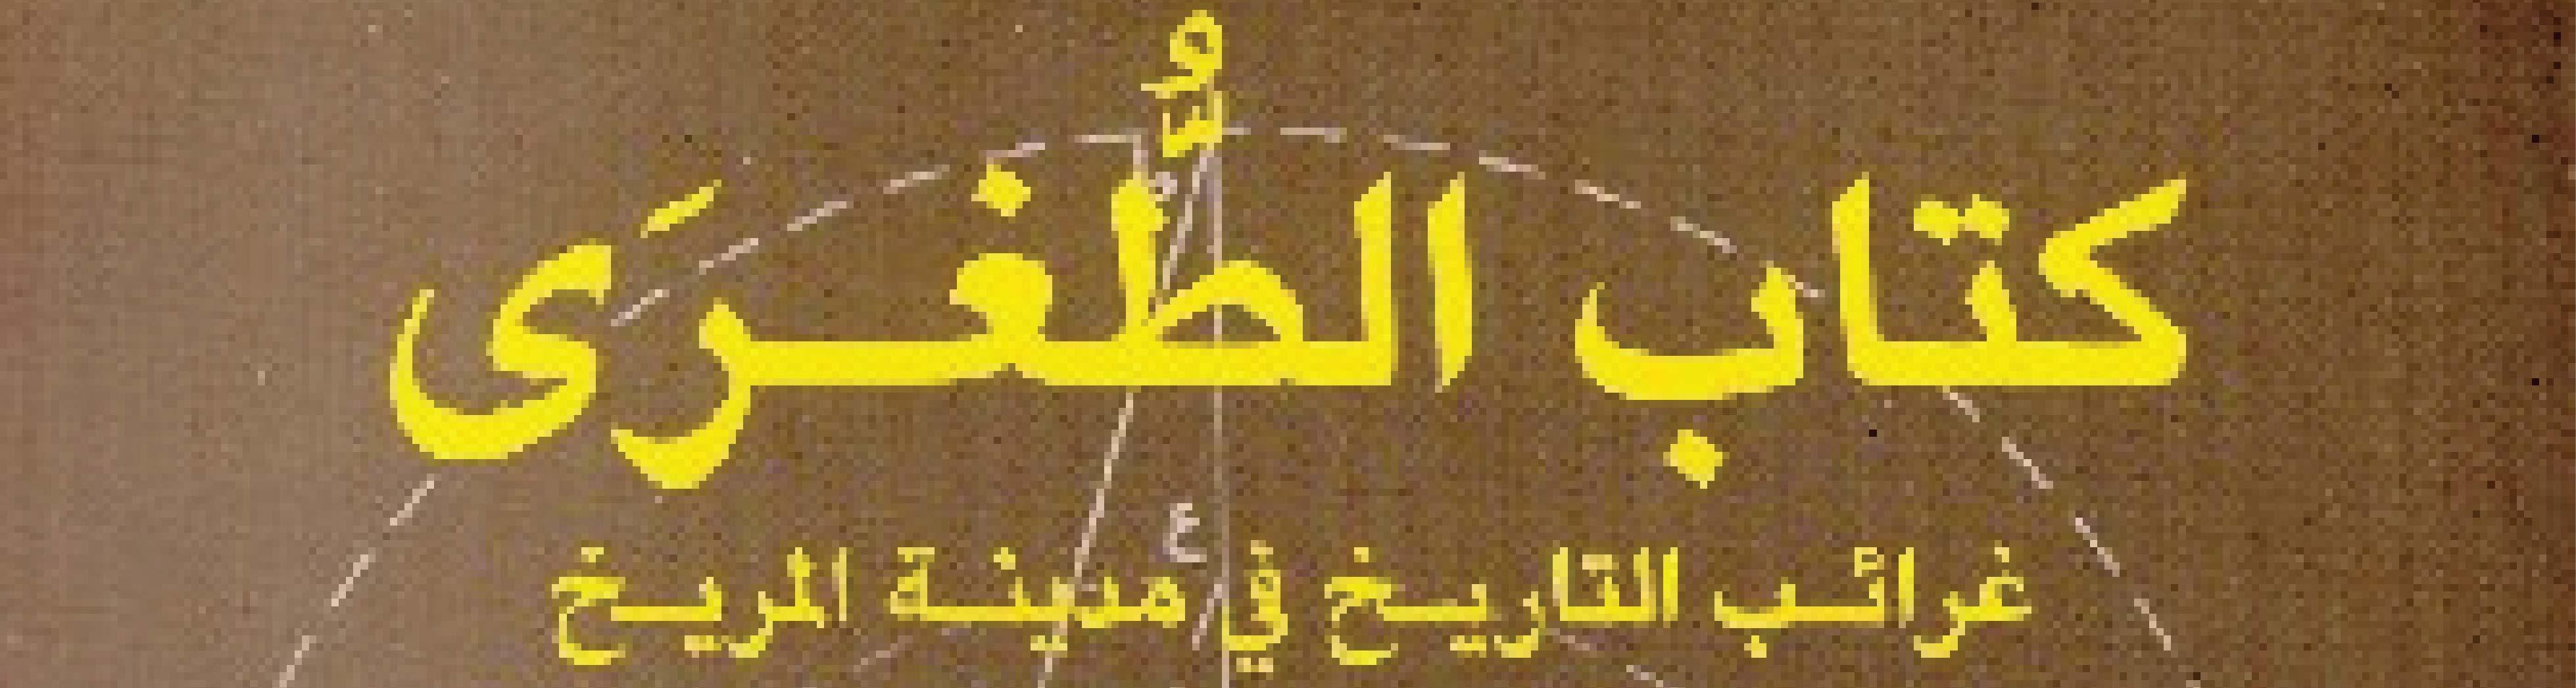 Sultan's seal-01